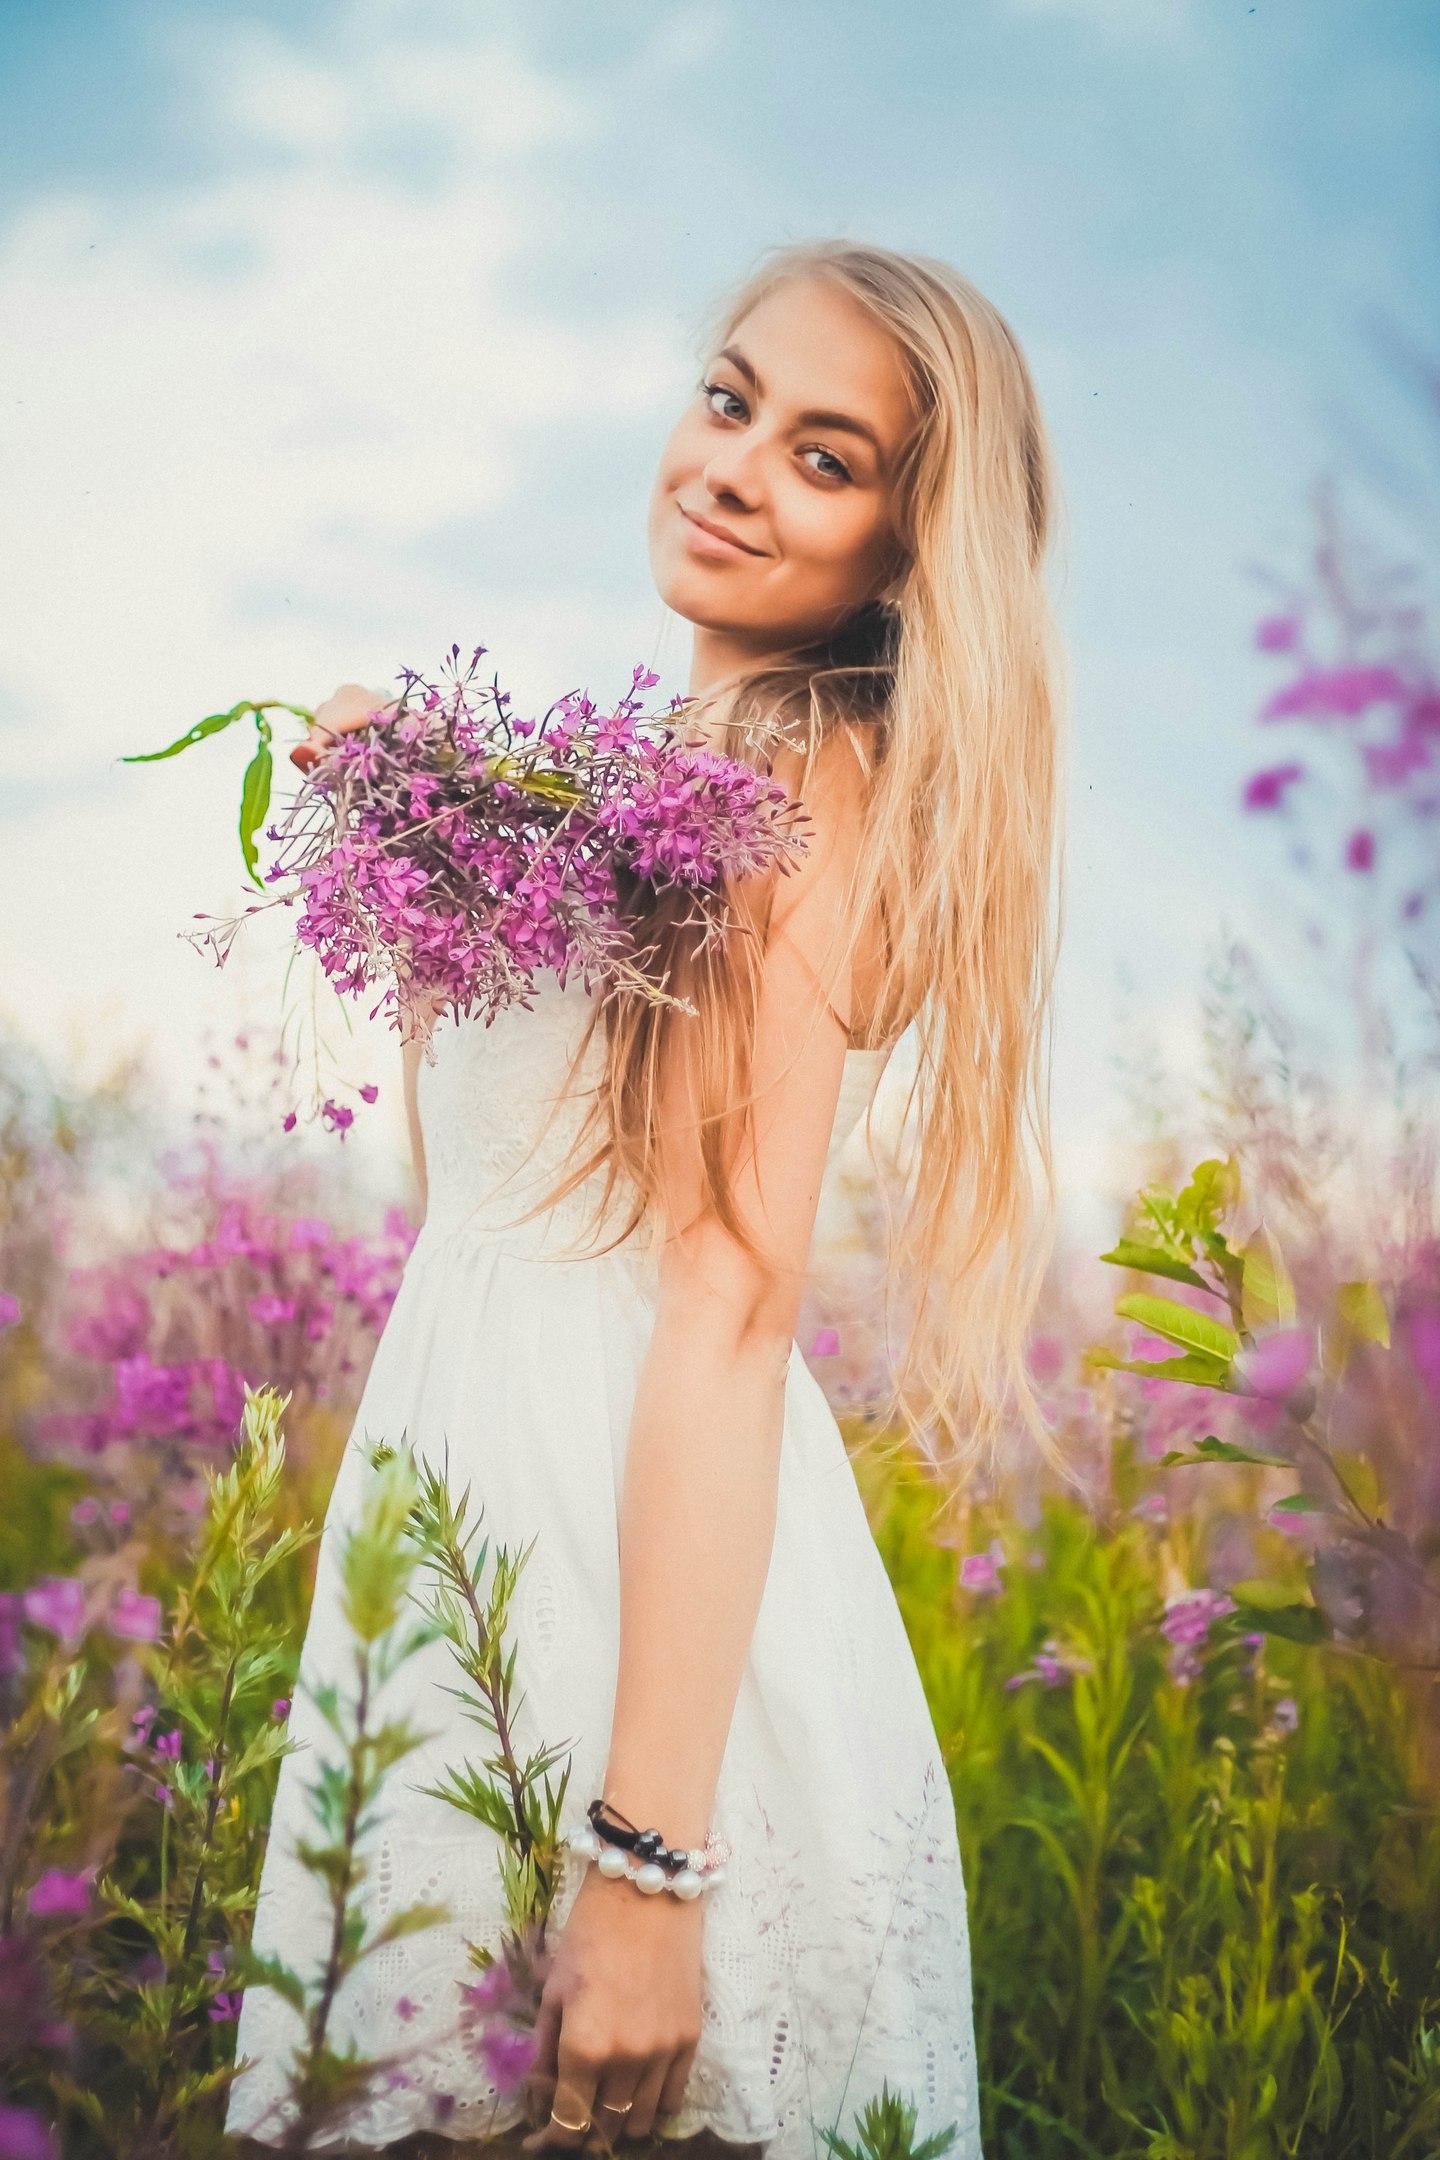 Анна Милашова